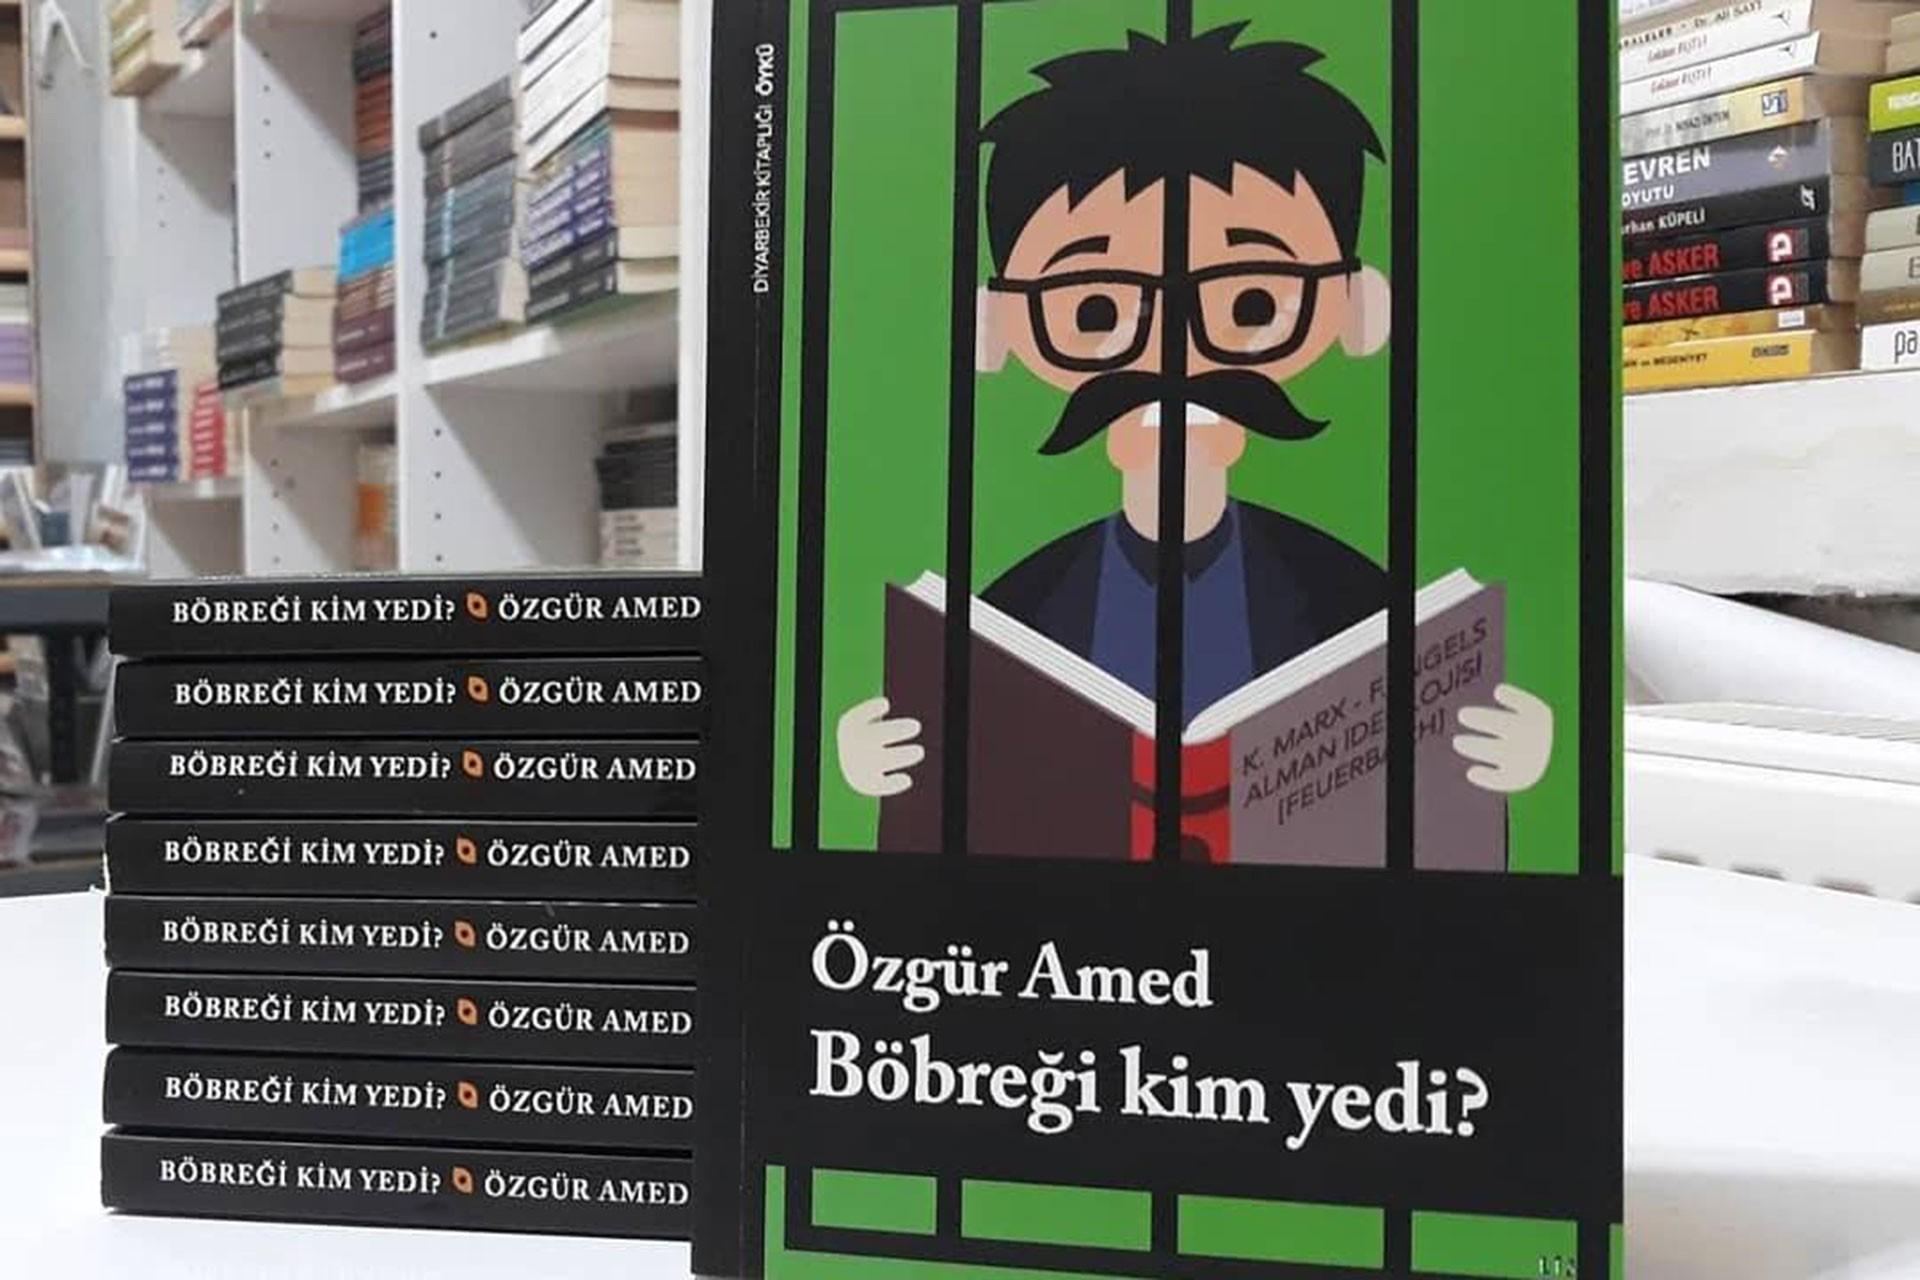 'Böbreği Kim Yedi?' kitabı tutukluya verilmedi: Cezaevinin itibarını zedeliyor